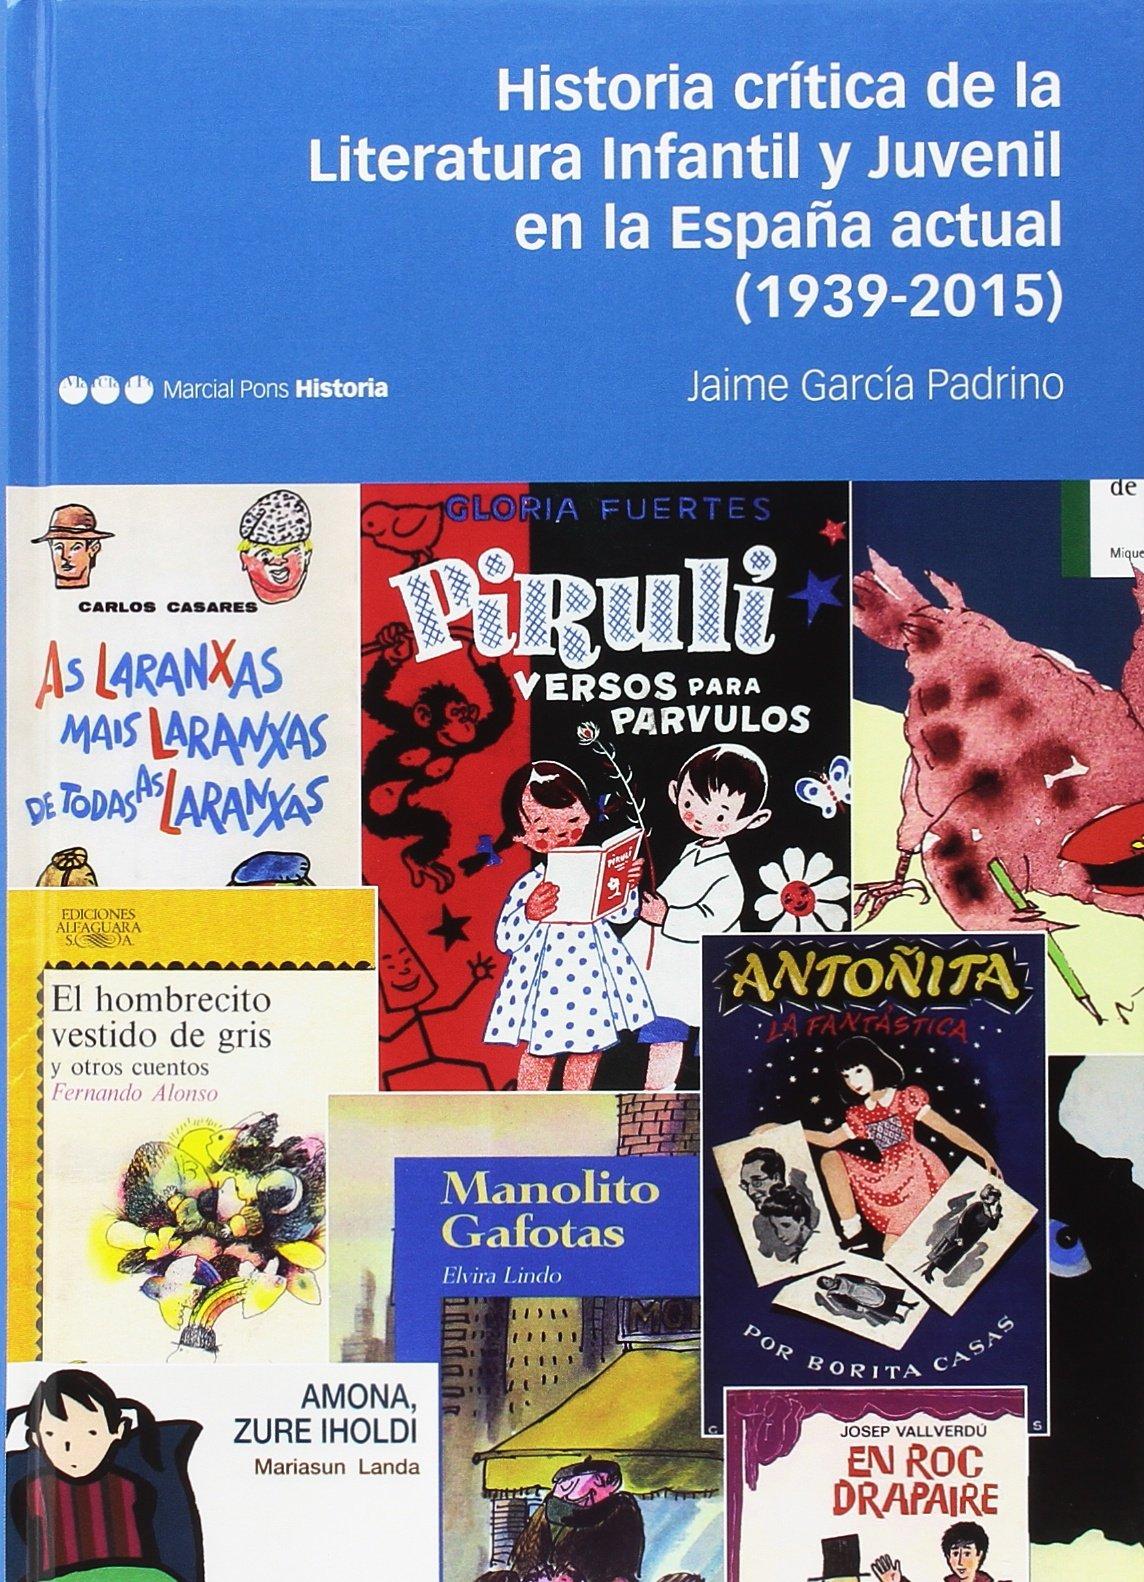 Historia crítica de la literatura infantil y juvenil en la España actual. 1939 - 2015 (Fuera de colección) Tapa dura – 13 jun 2018 Jaime García Padrino Marcial Pons 8416662517 dsy